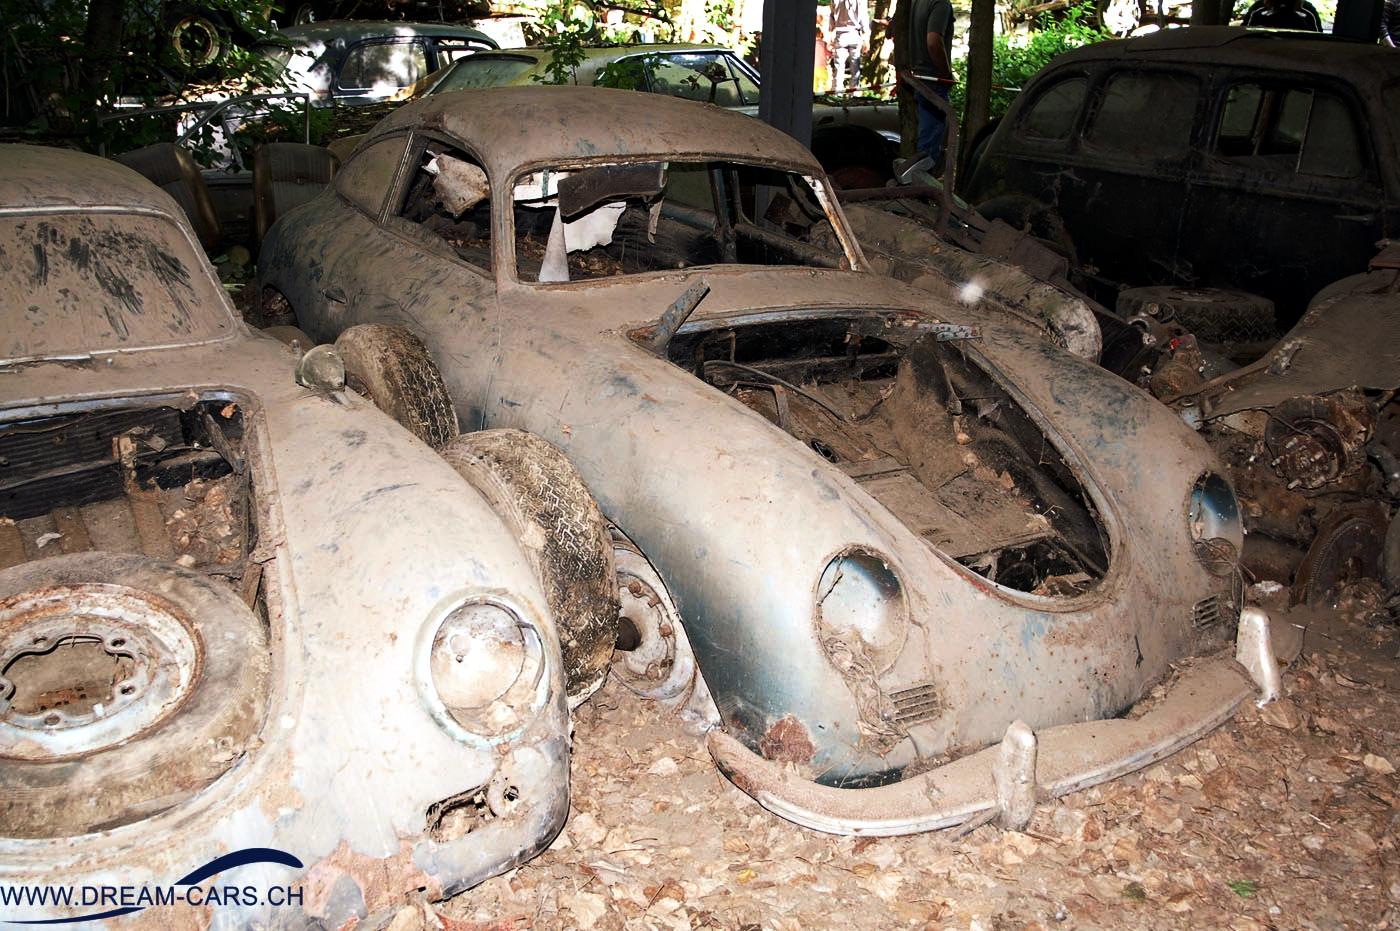 Autoabbruch Messerli Kaufdorf Porsche 356